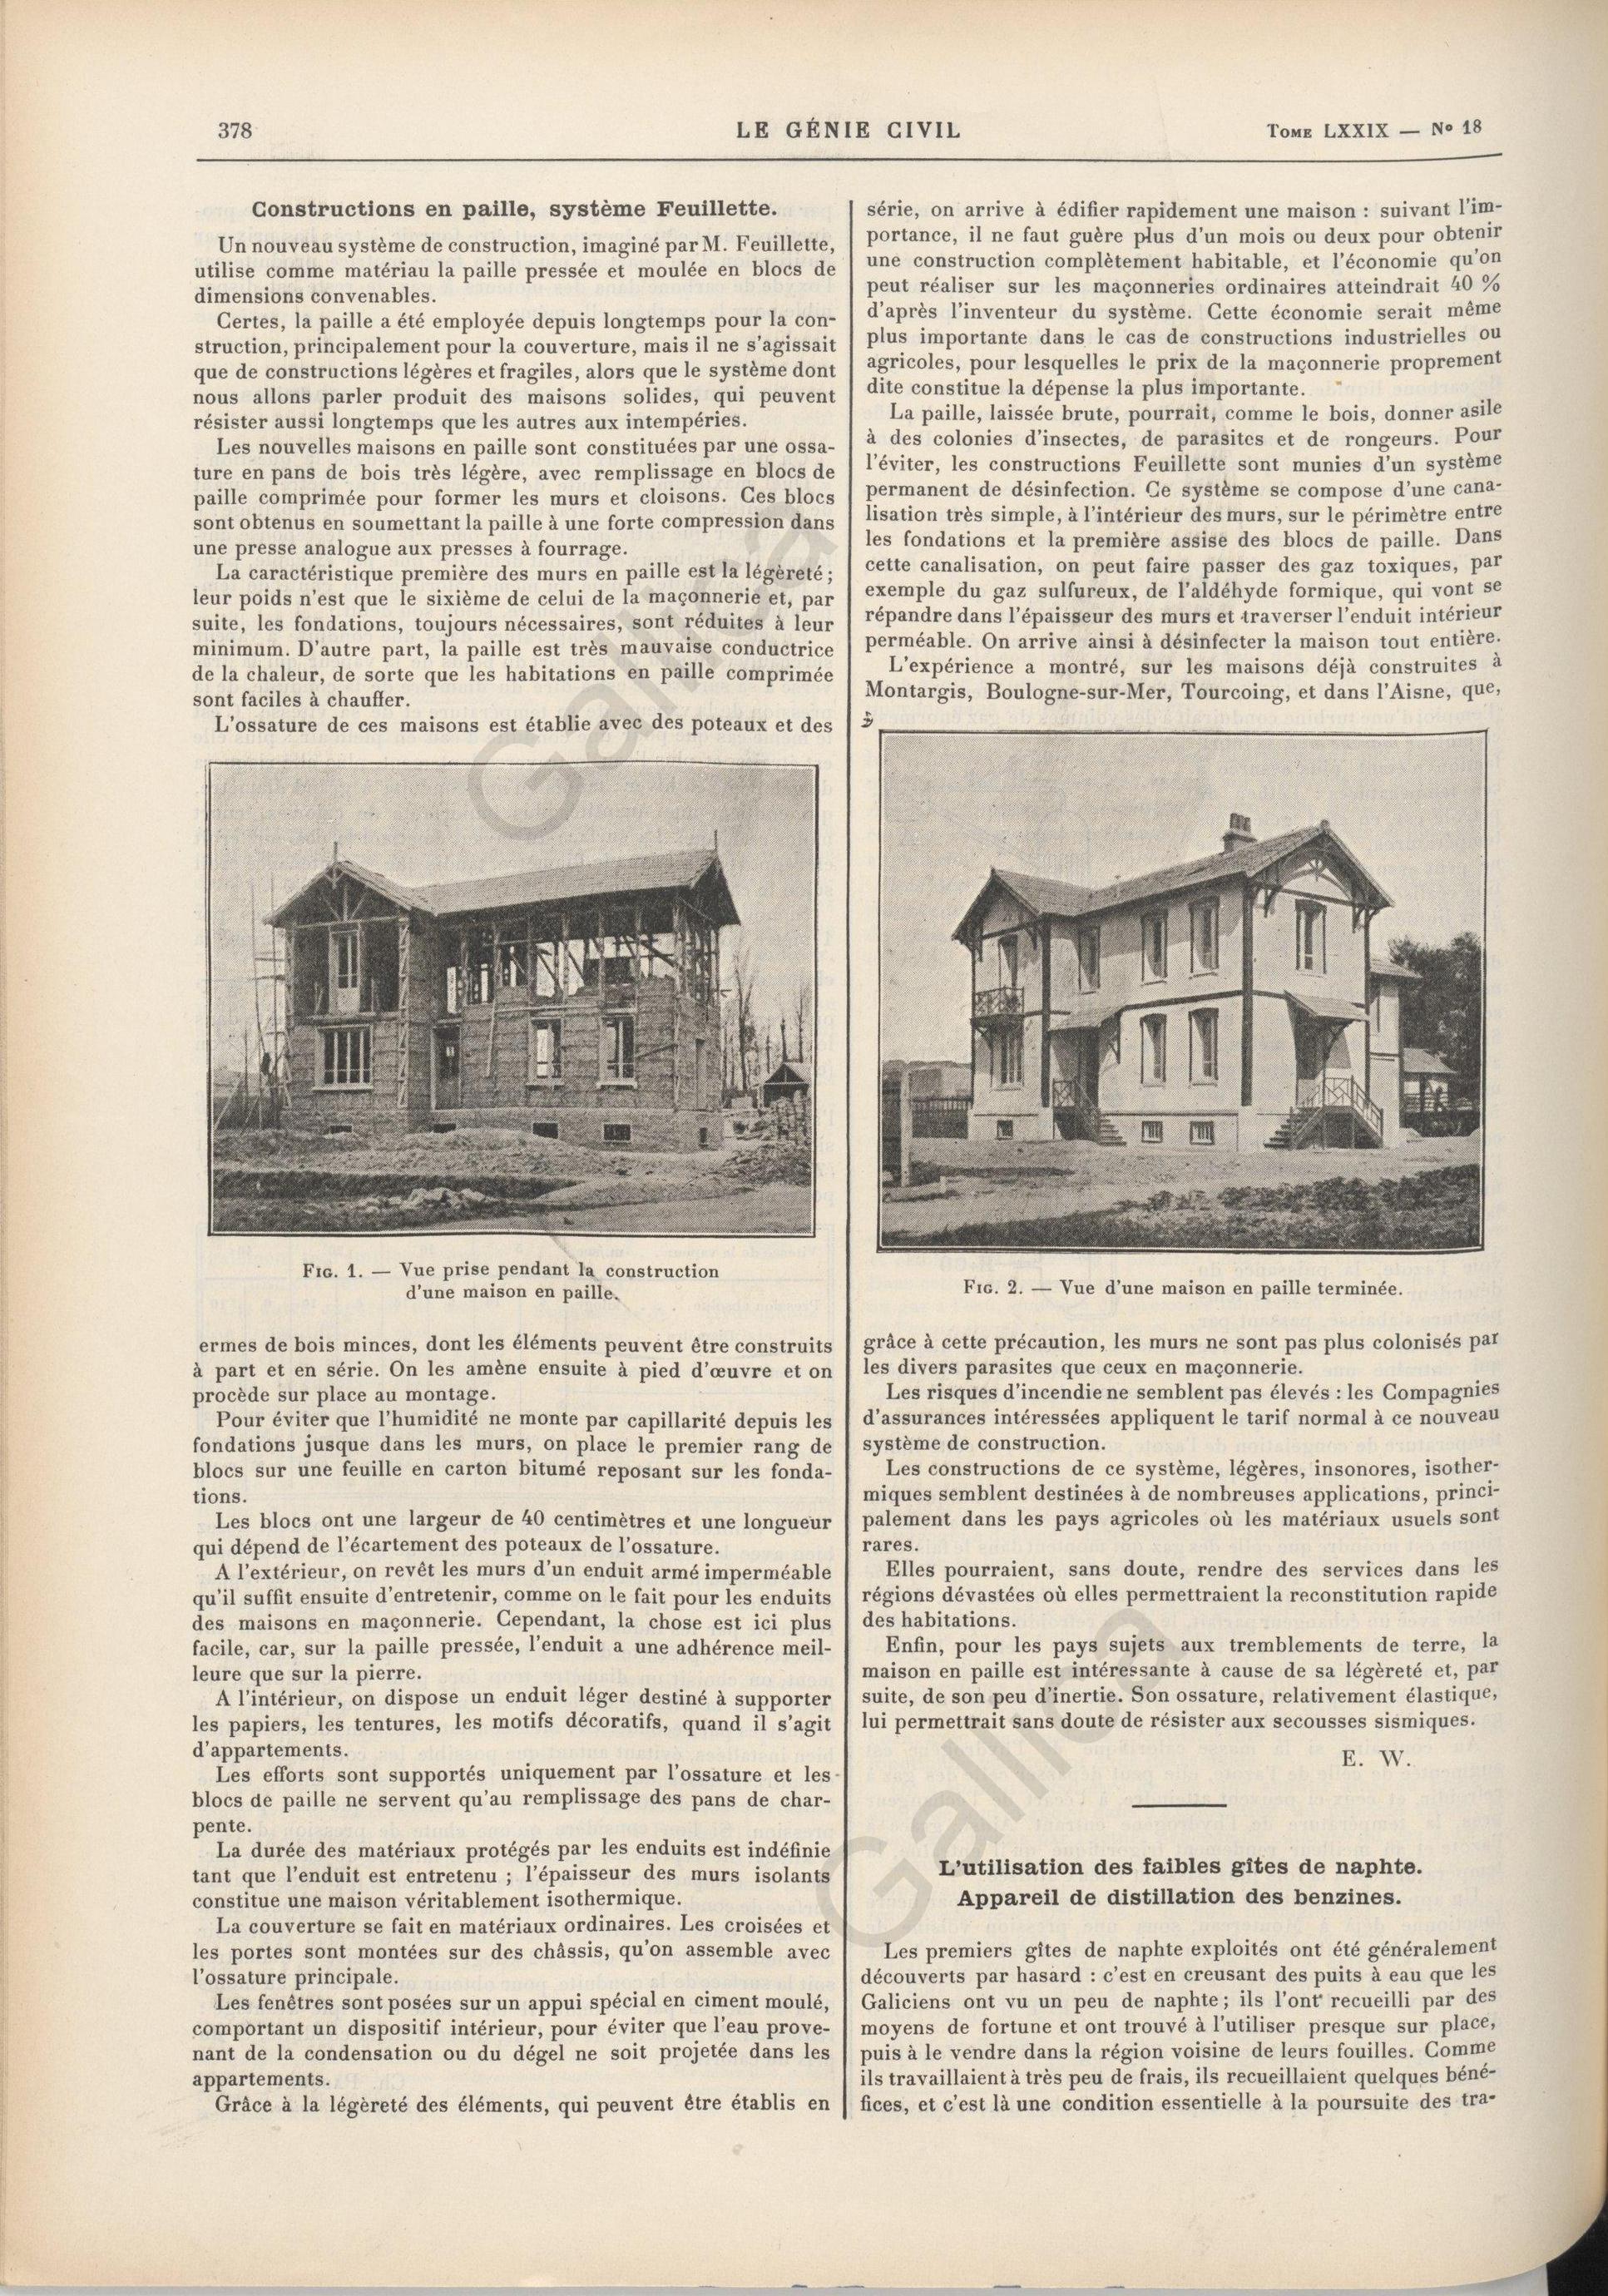 Histoire du virolois recherche d une maison construite for Origine du mot maison